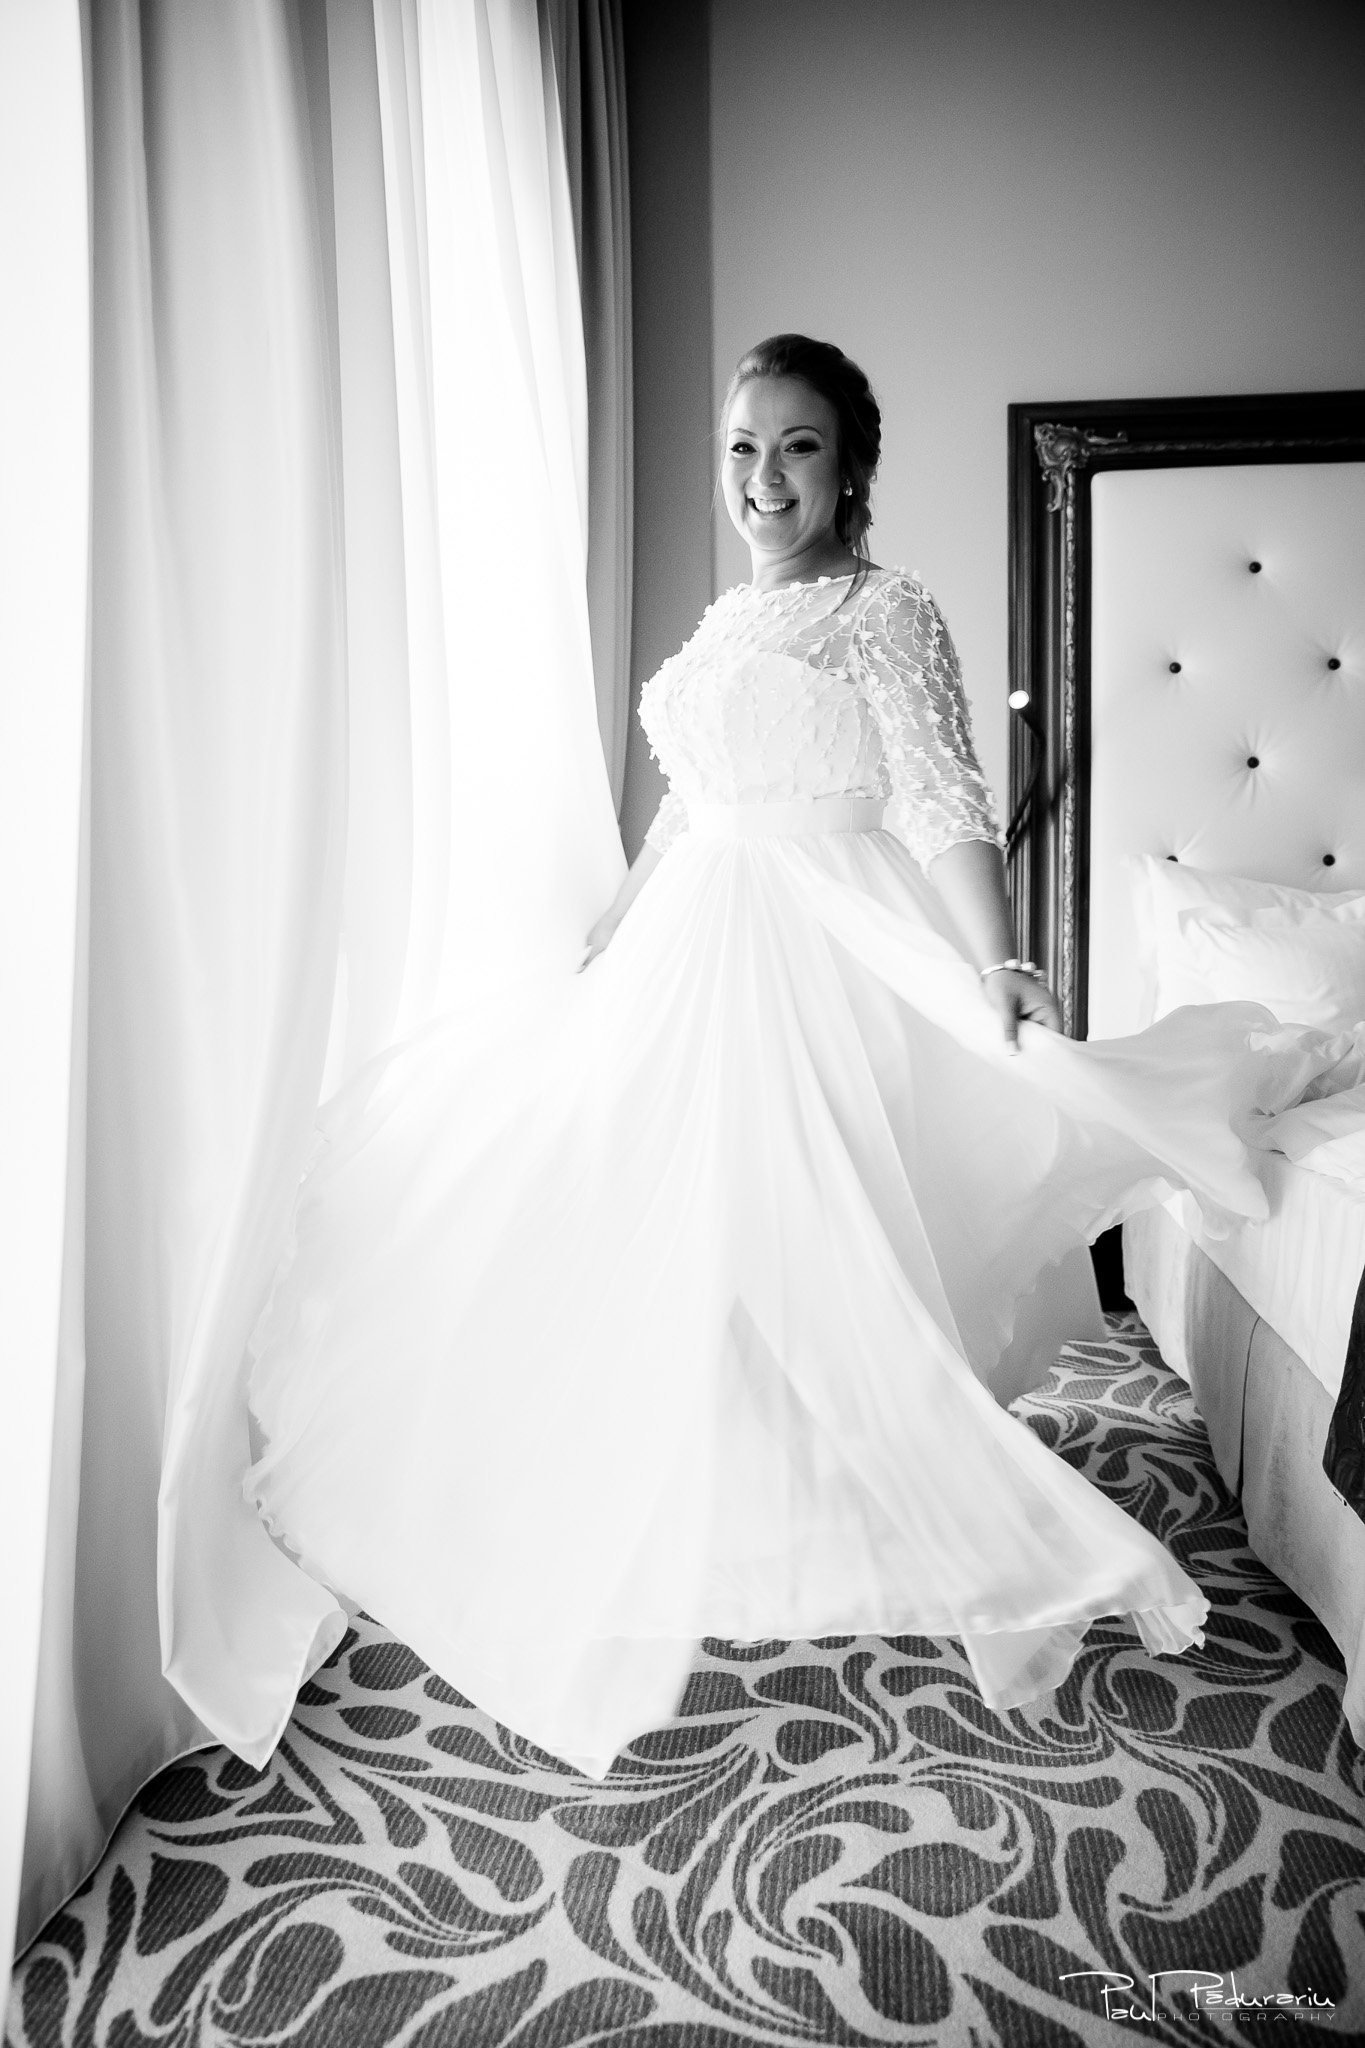 Pregatiri nunta Ema si Tudor fotograf de nunta iasi www.paulpadurariu.ro © 2017 Paul Padurariu - imbracat mireasa pirueta